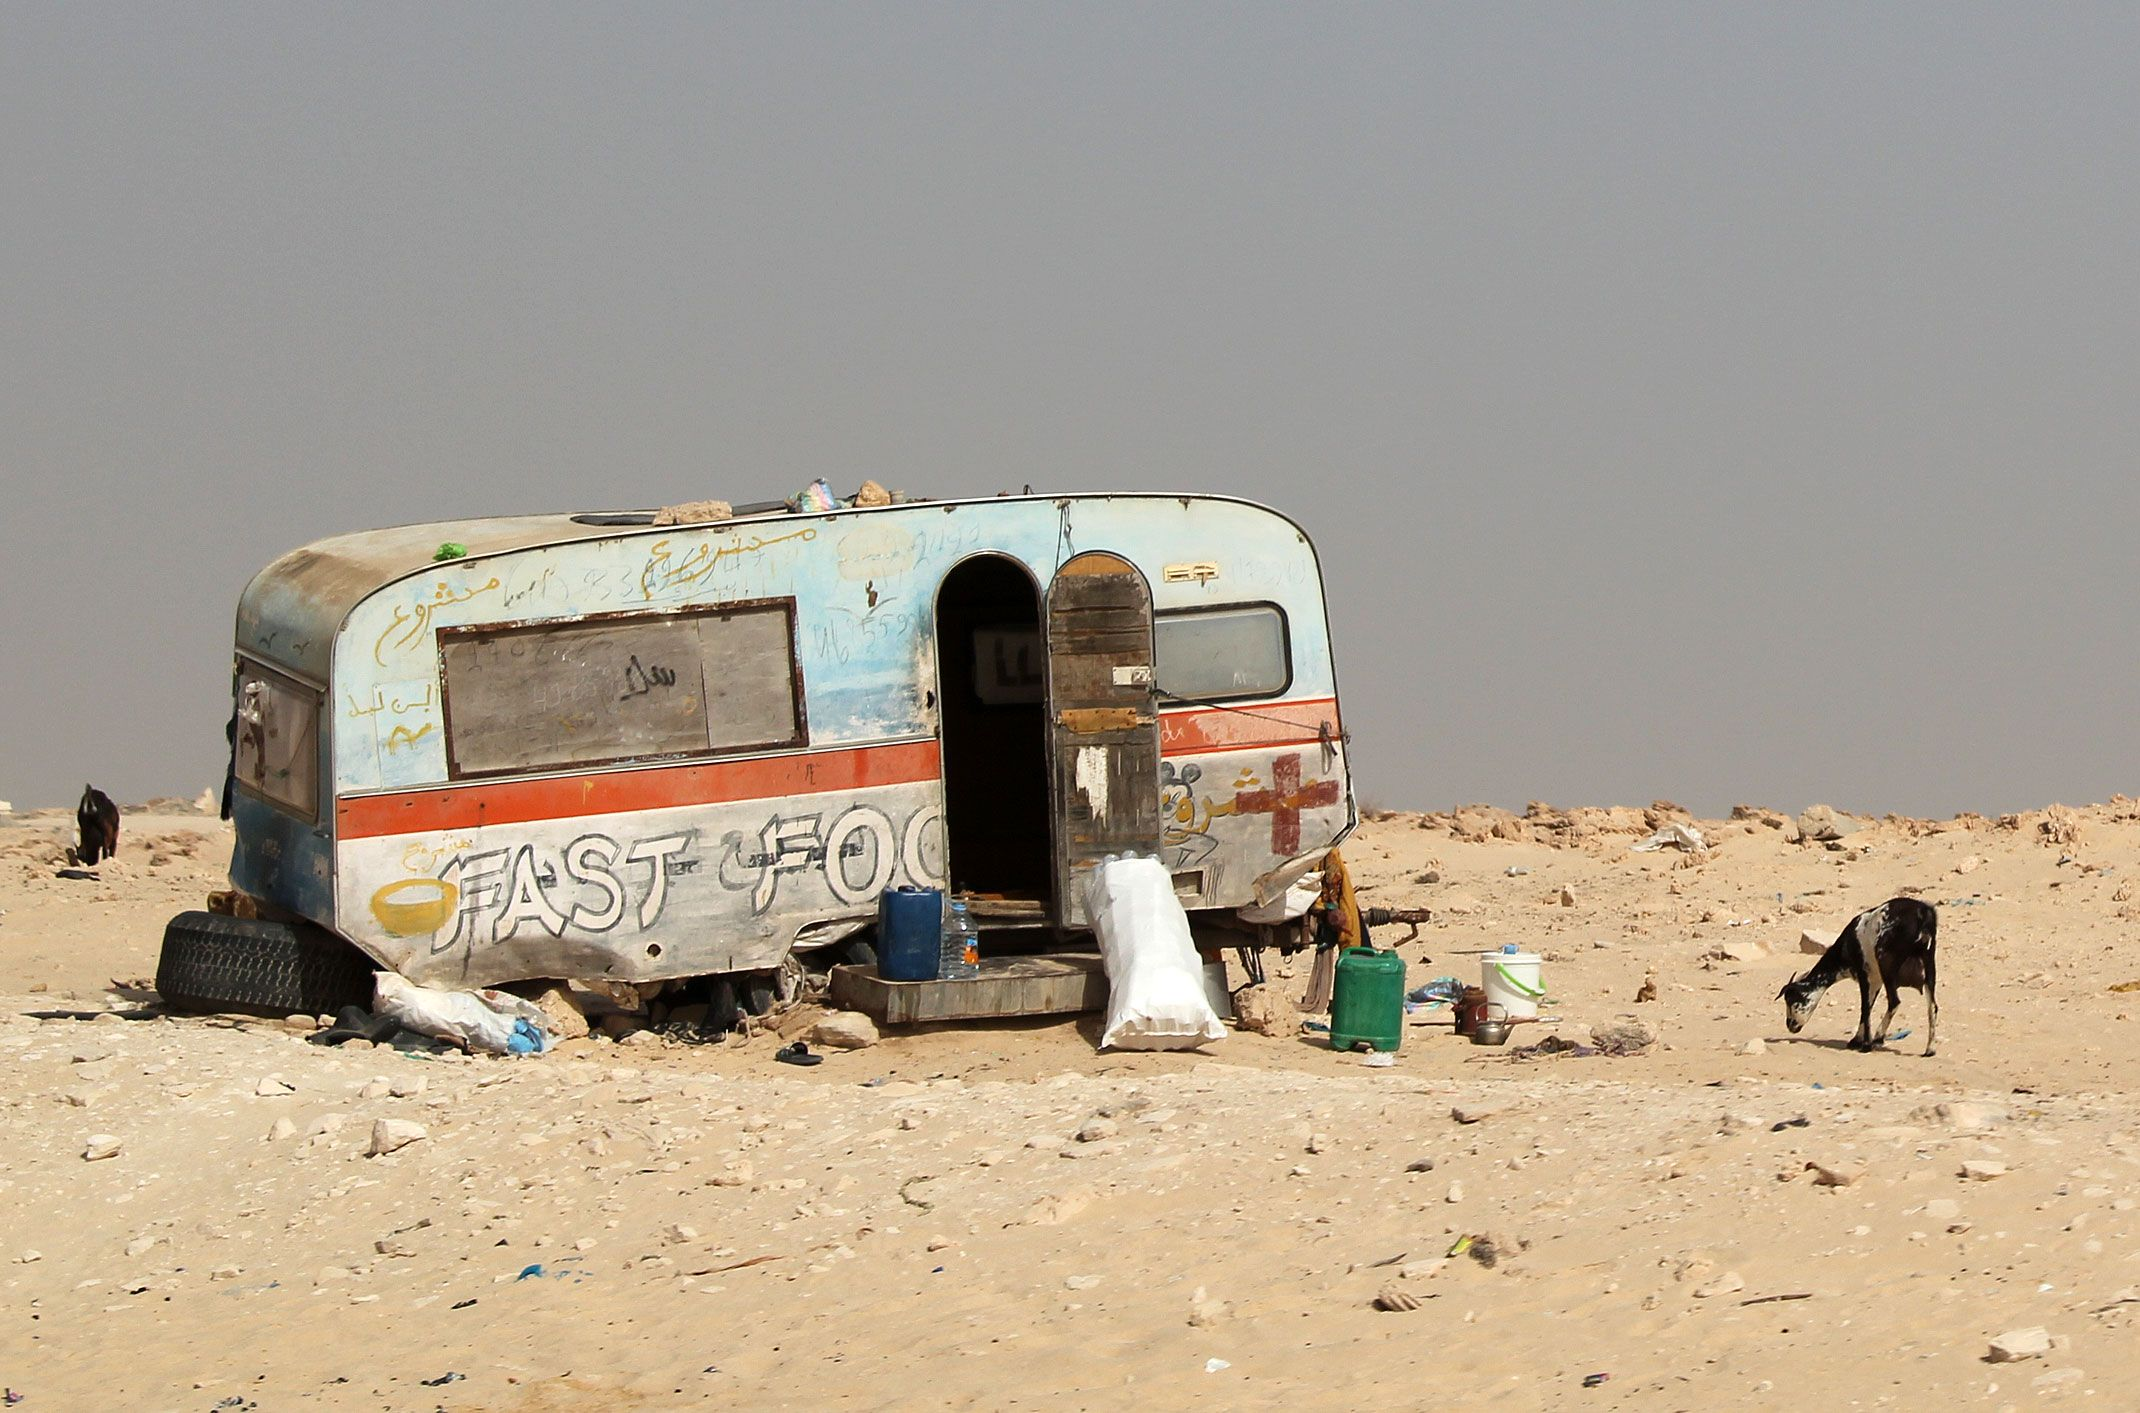 Fast Food w Mauretanii